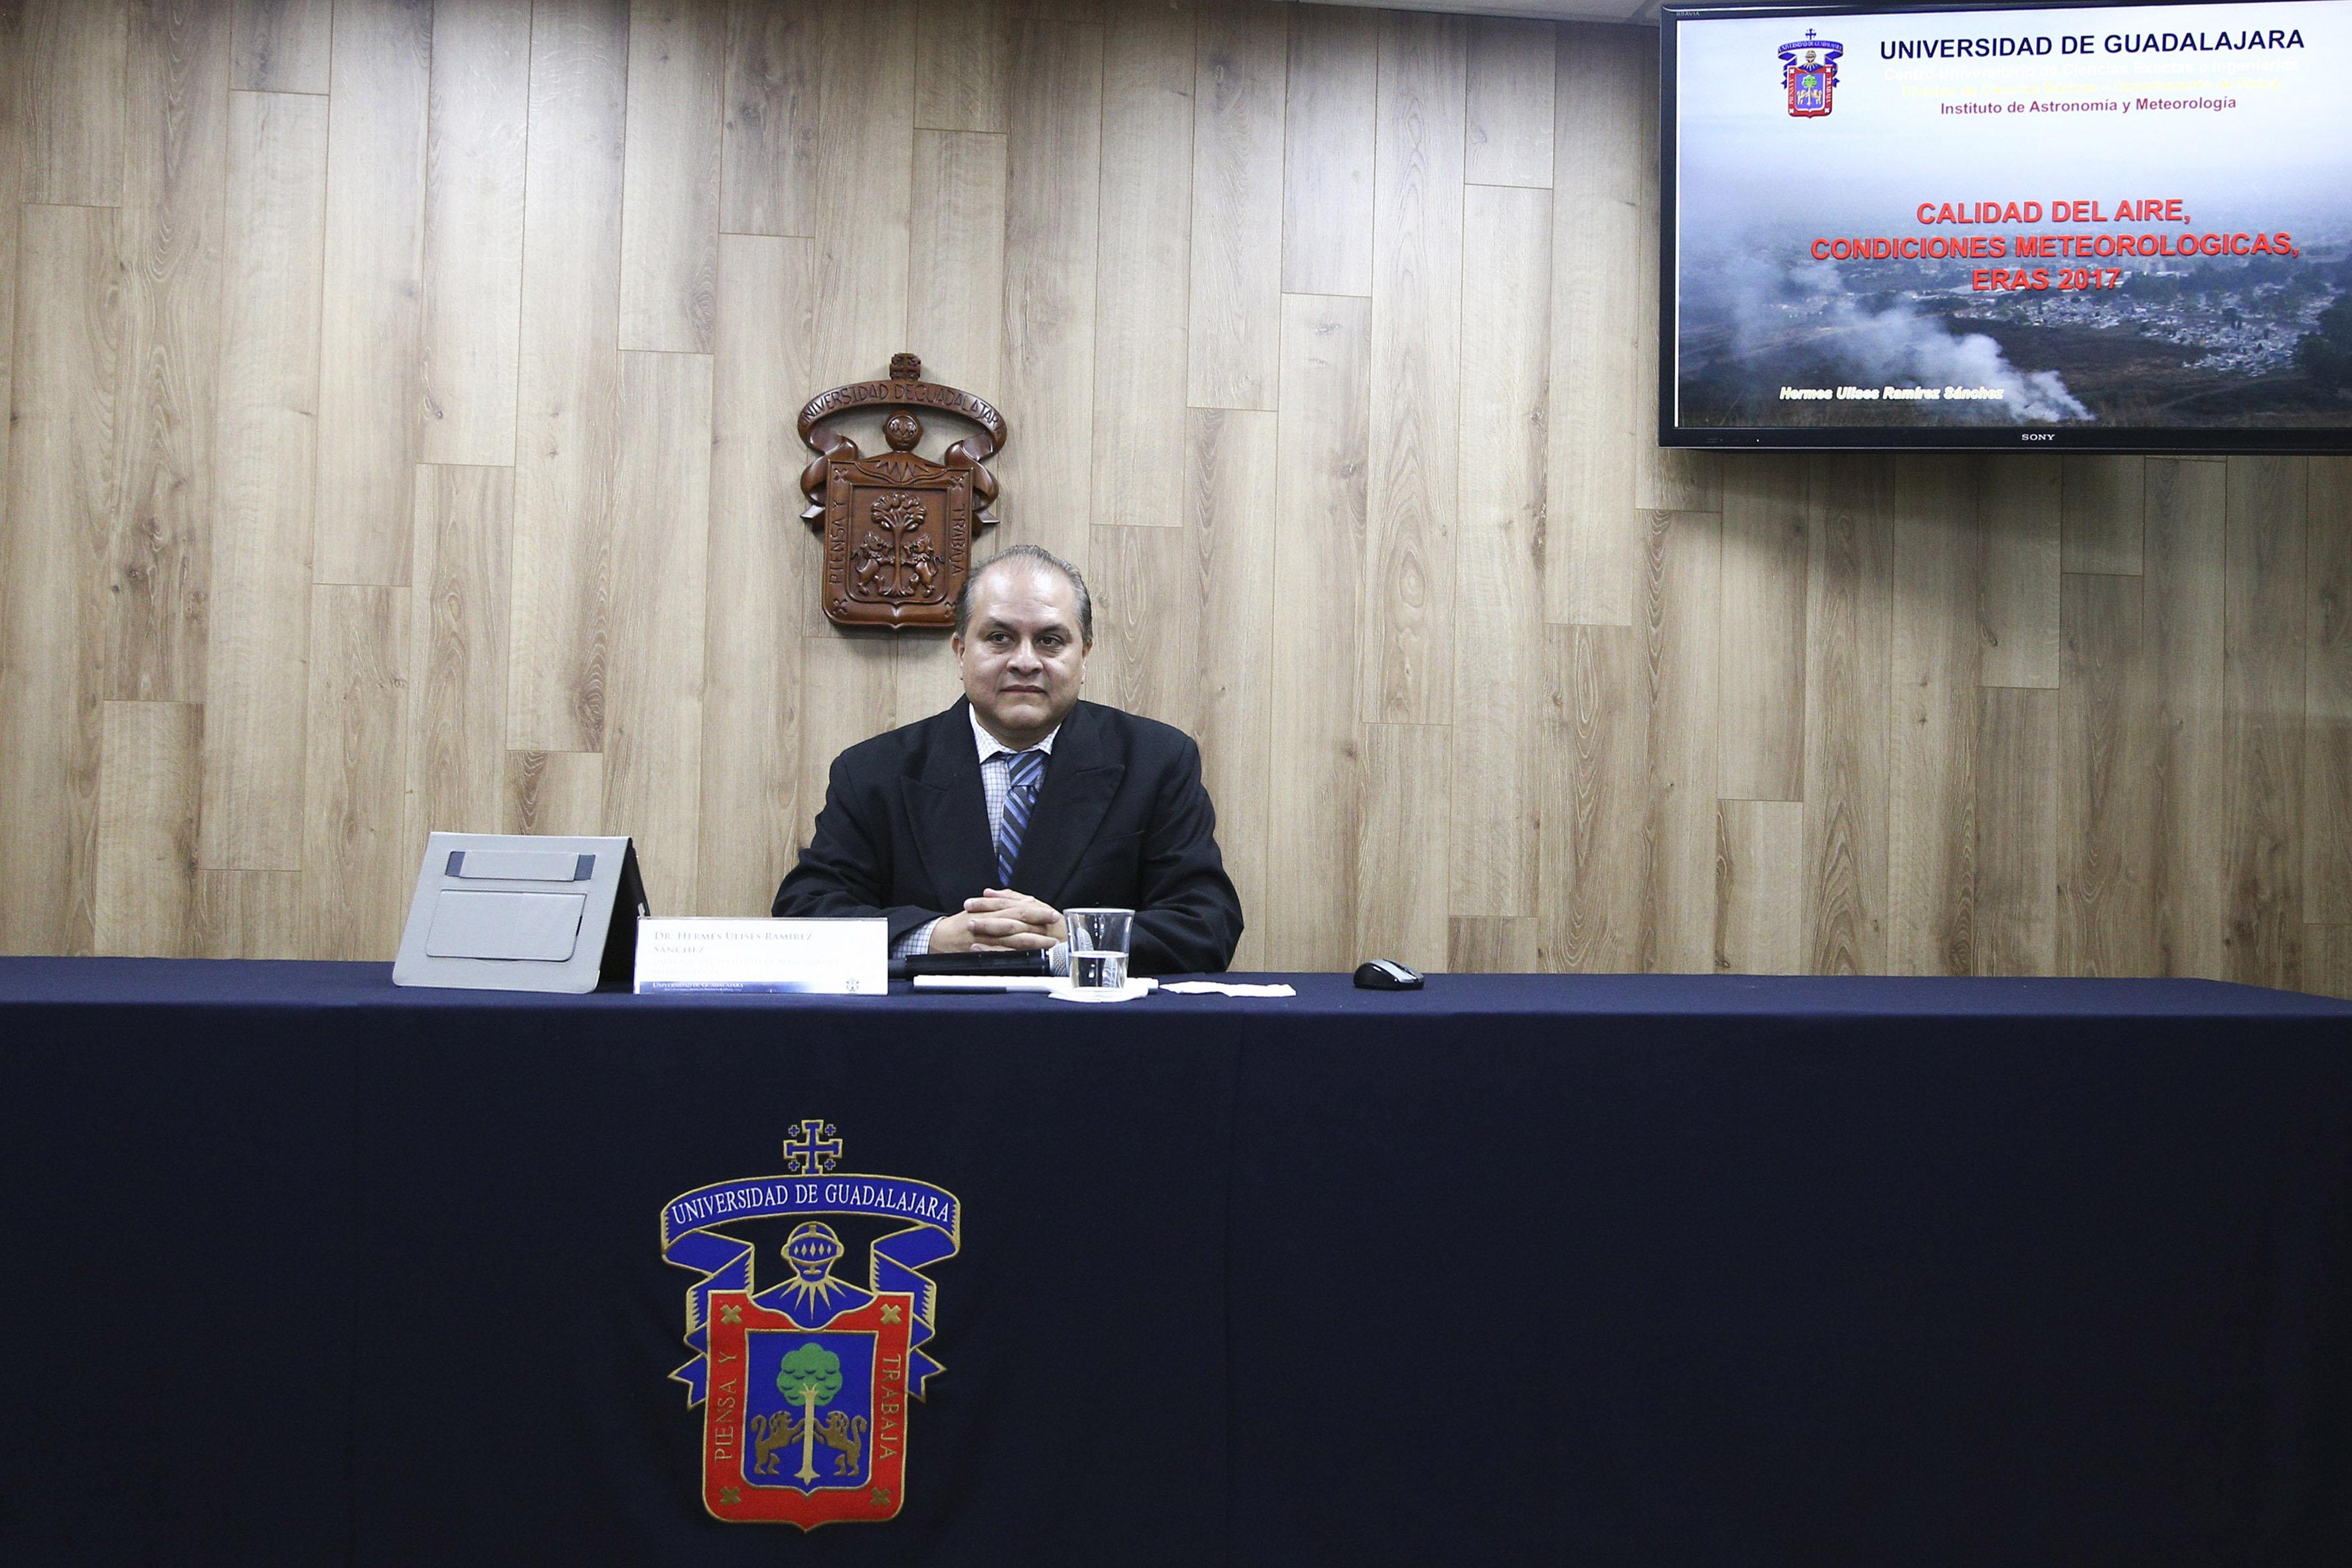 Director del Instituto de Astronomía y Meteorología (IAM), doctor Hermes Ulises Ramírez Sánchez, participando en rueda de prensa